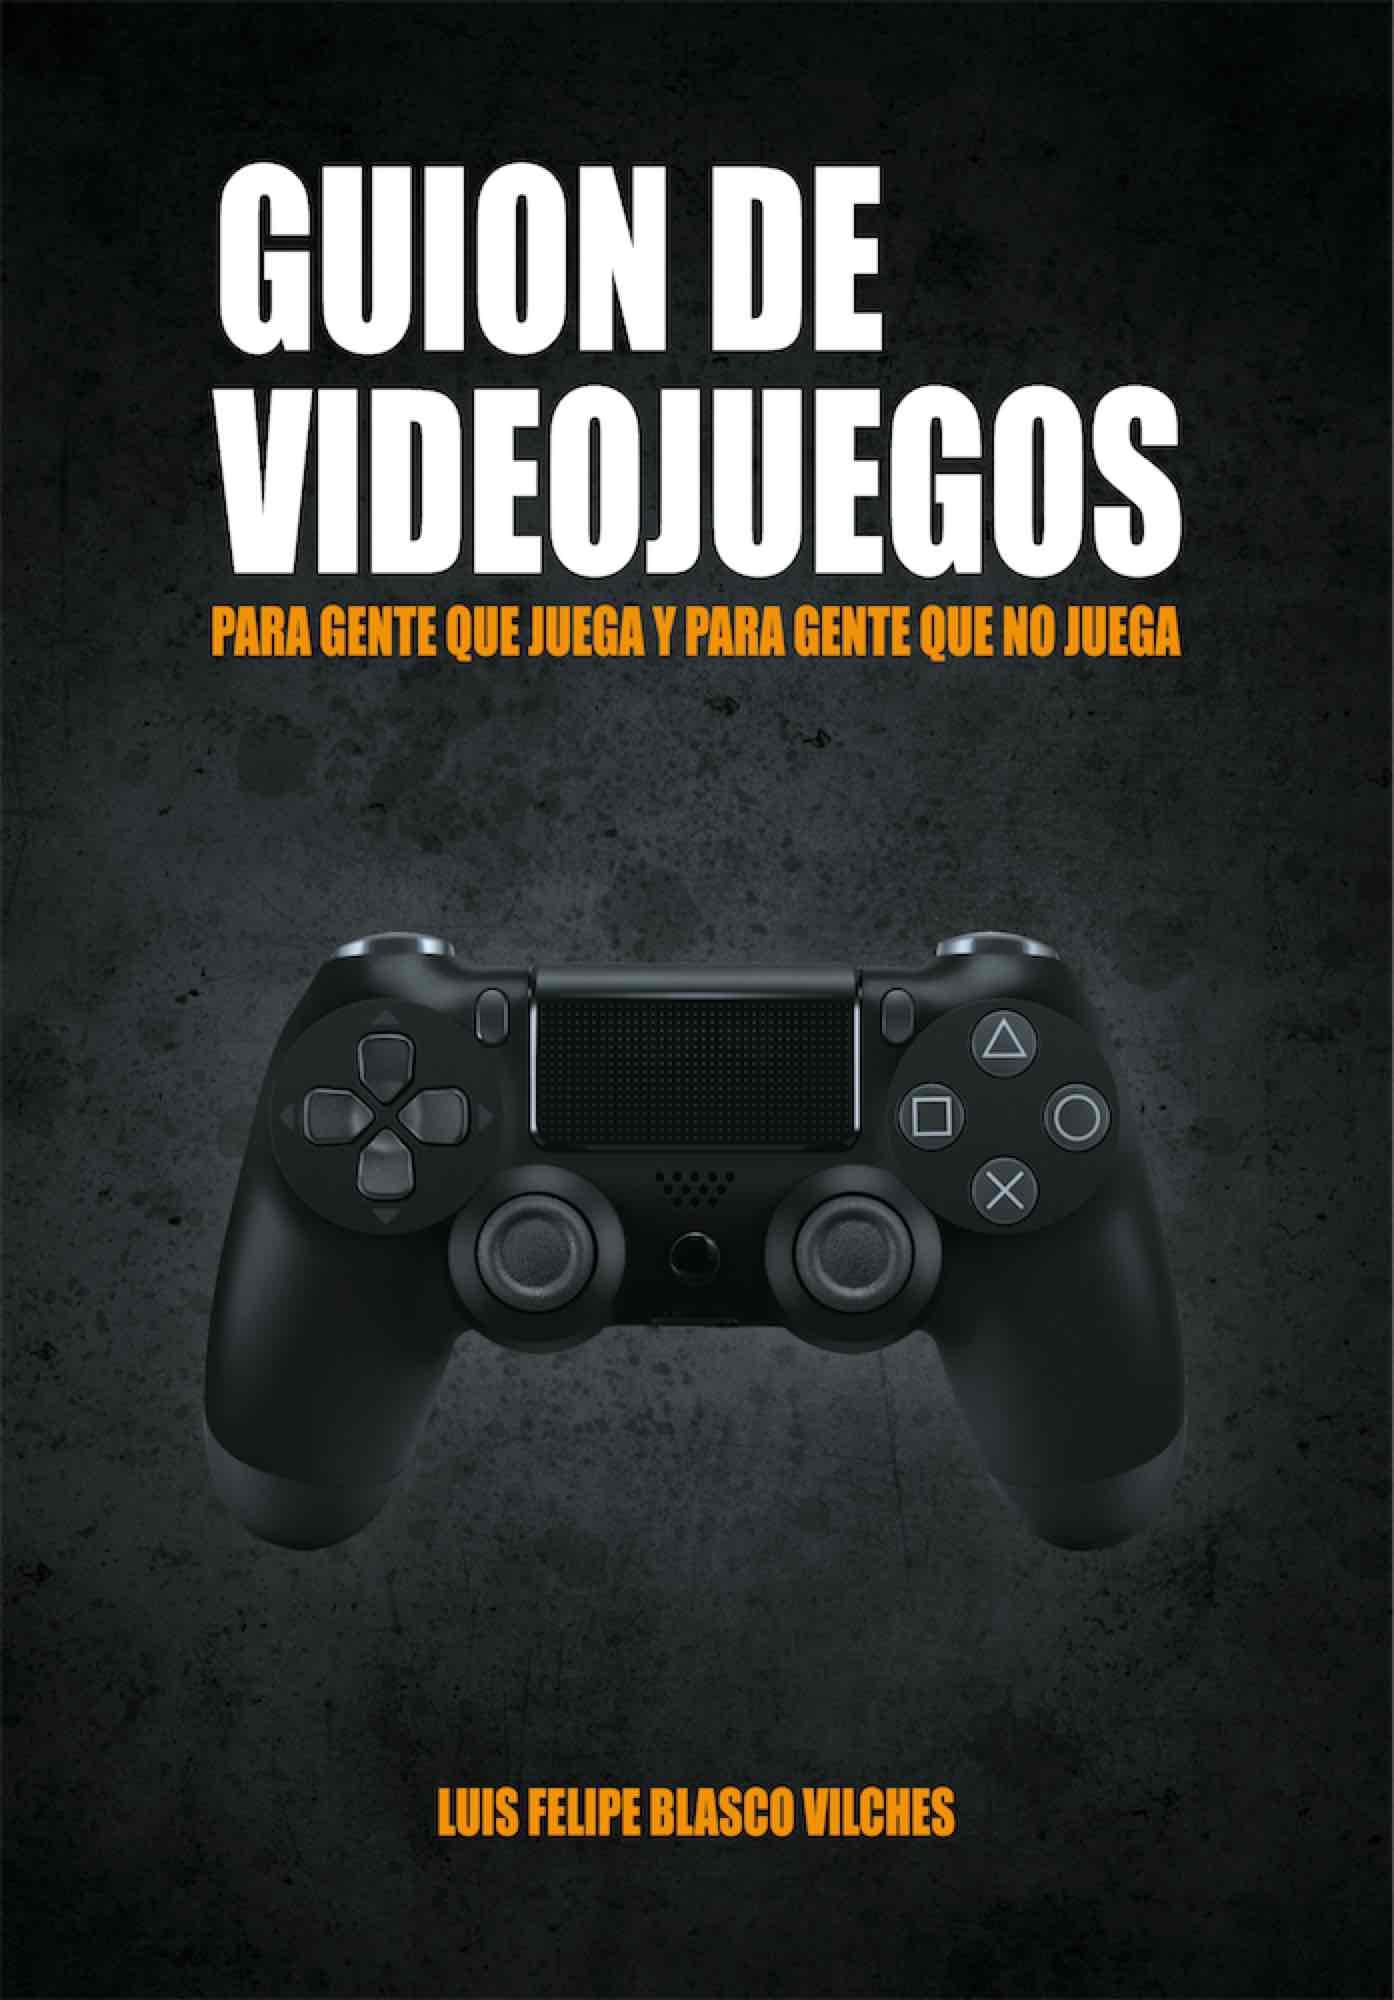 GUION DE VIDEOJUEGOS